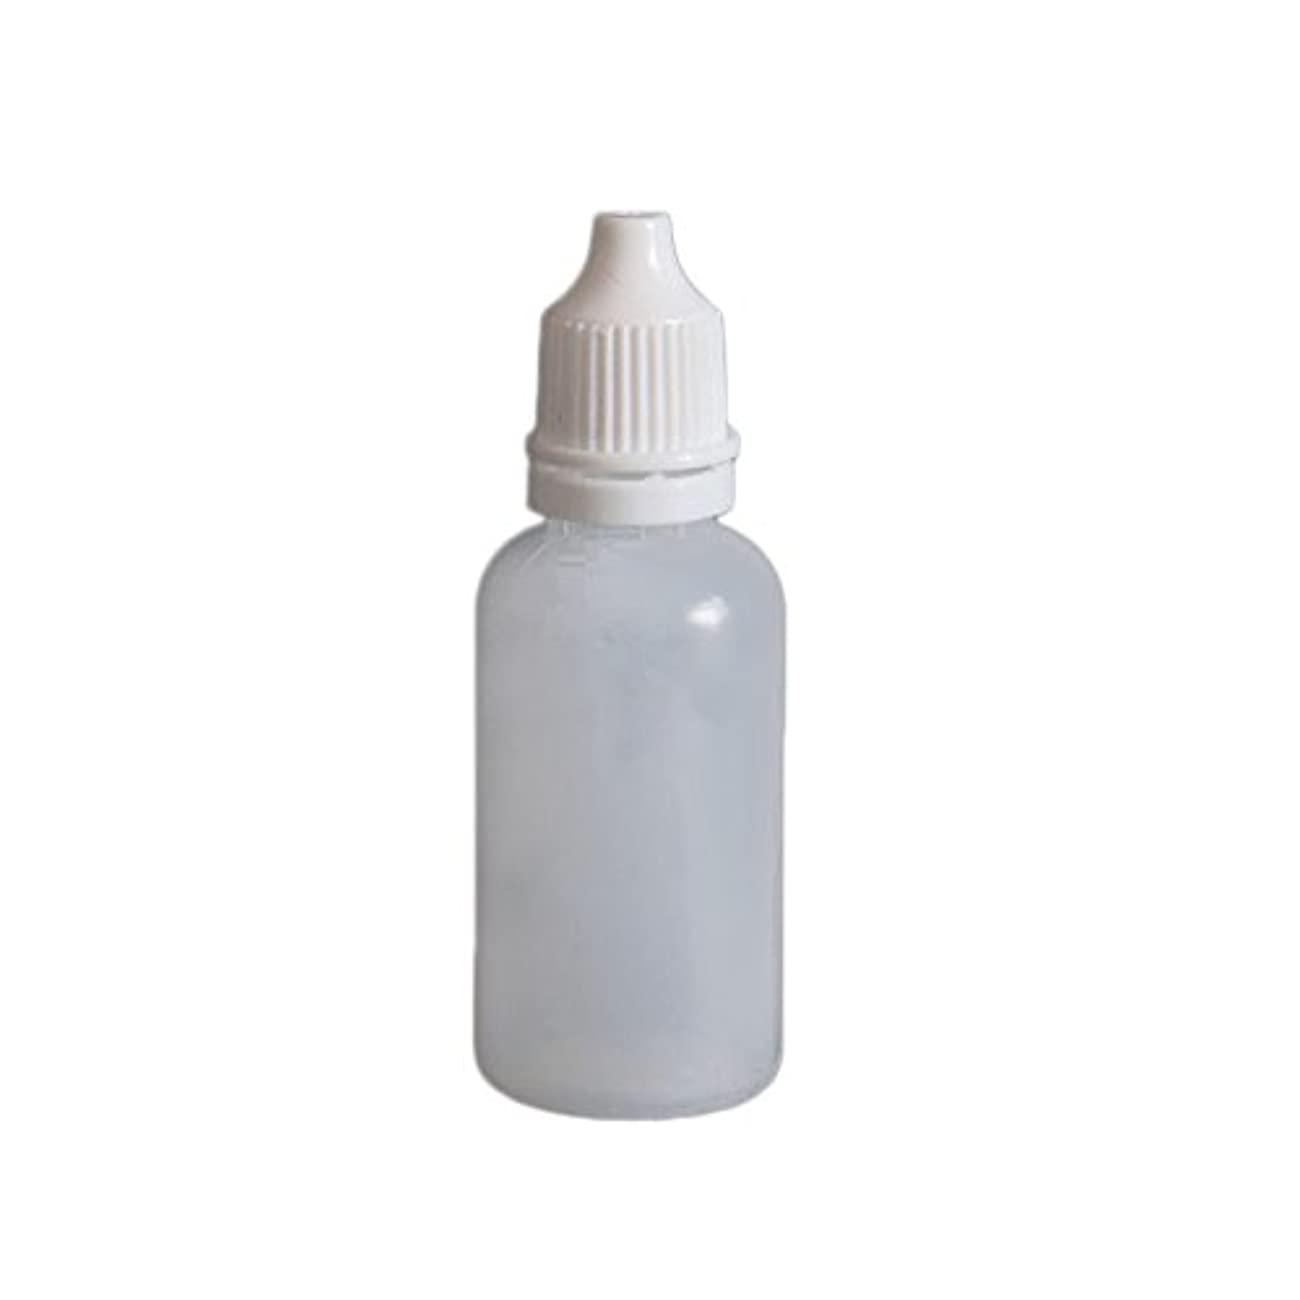 振り子宝ミサイルGrandmart プラスチックスポイト瓶 目薬スポイト瓶 ドロッパーボトル スポイトタイプ容器点眼 滴瓶 10個セット